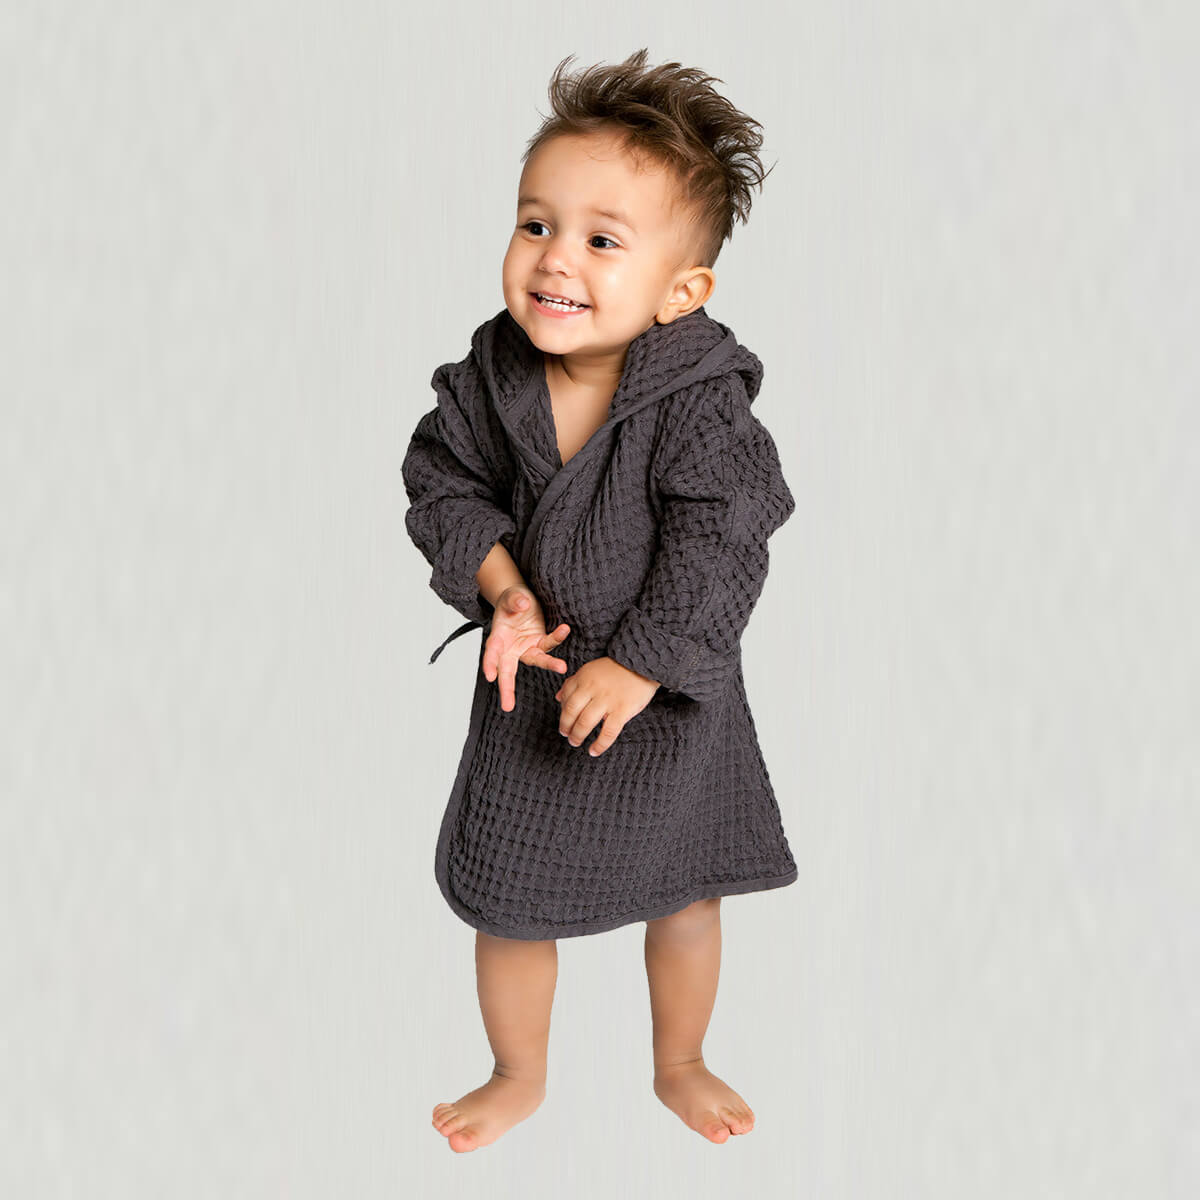 badekåbe til de mindste børn 2-4 år